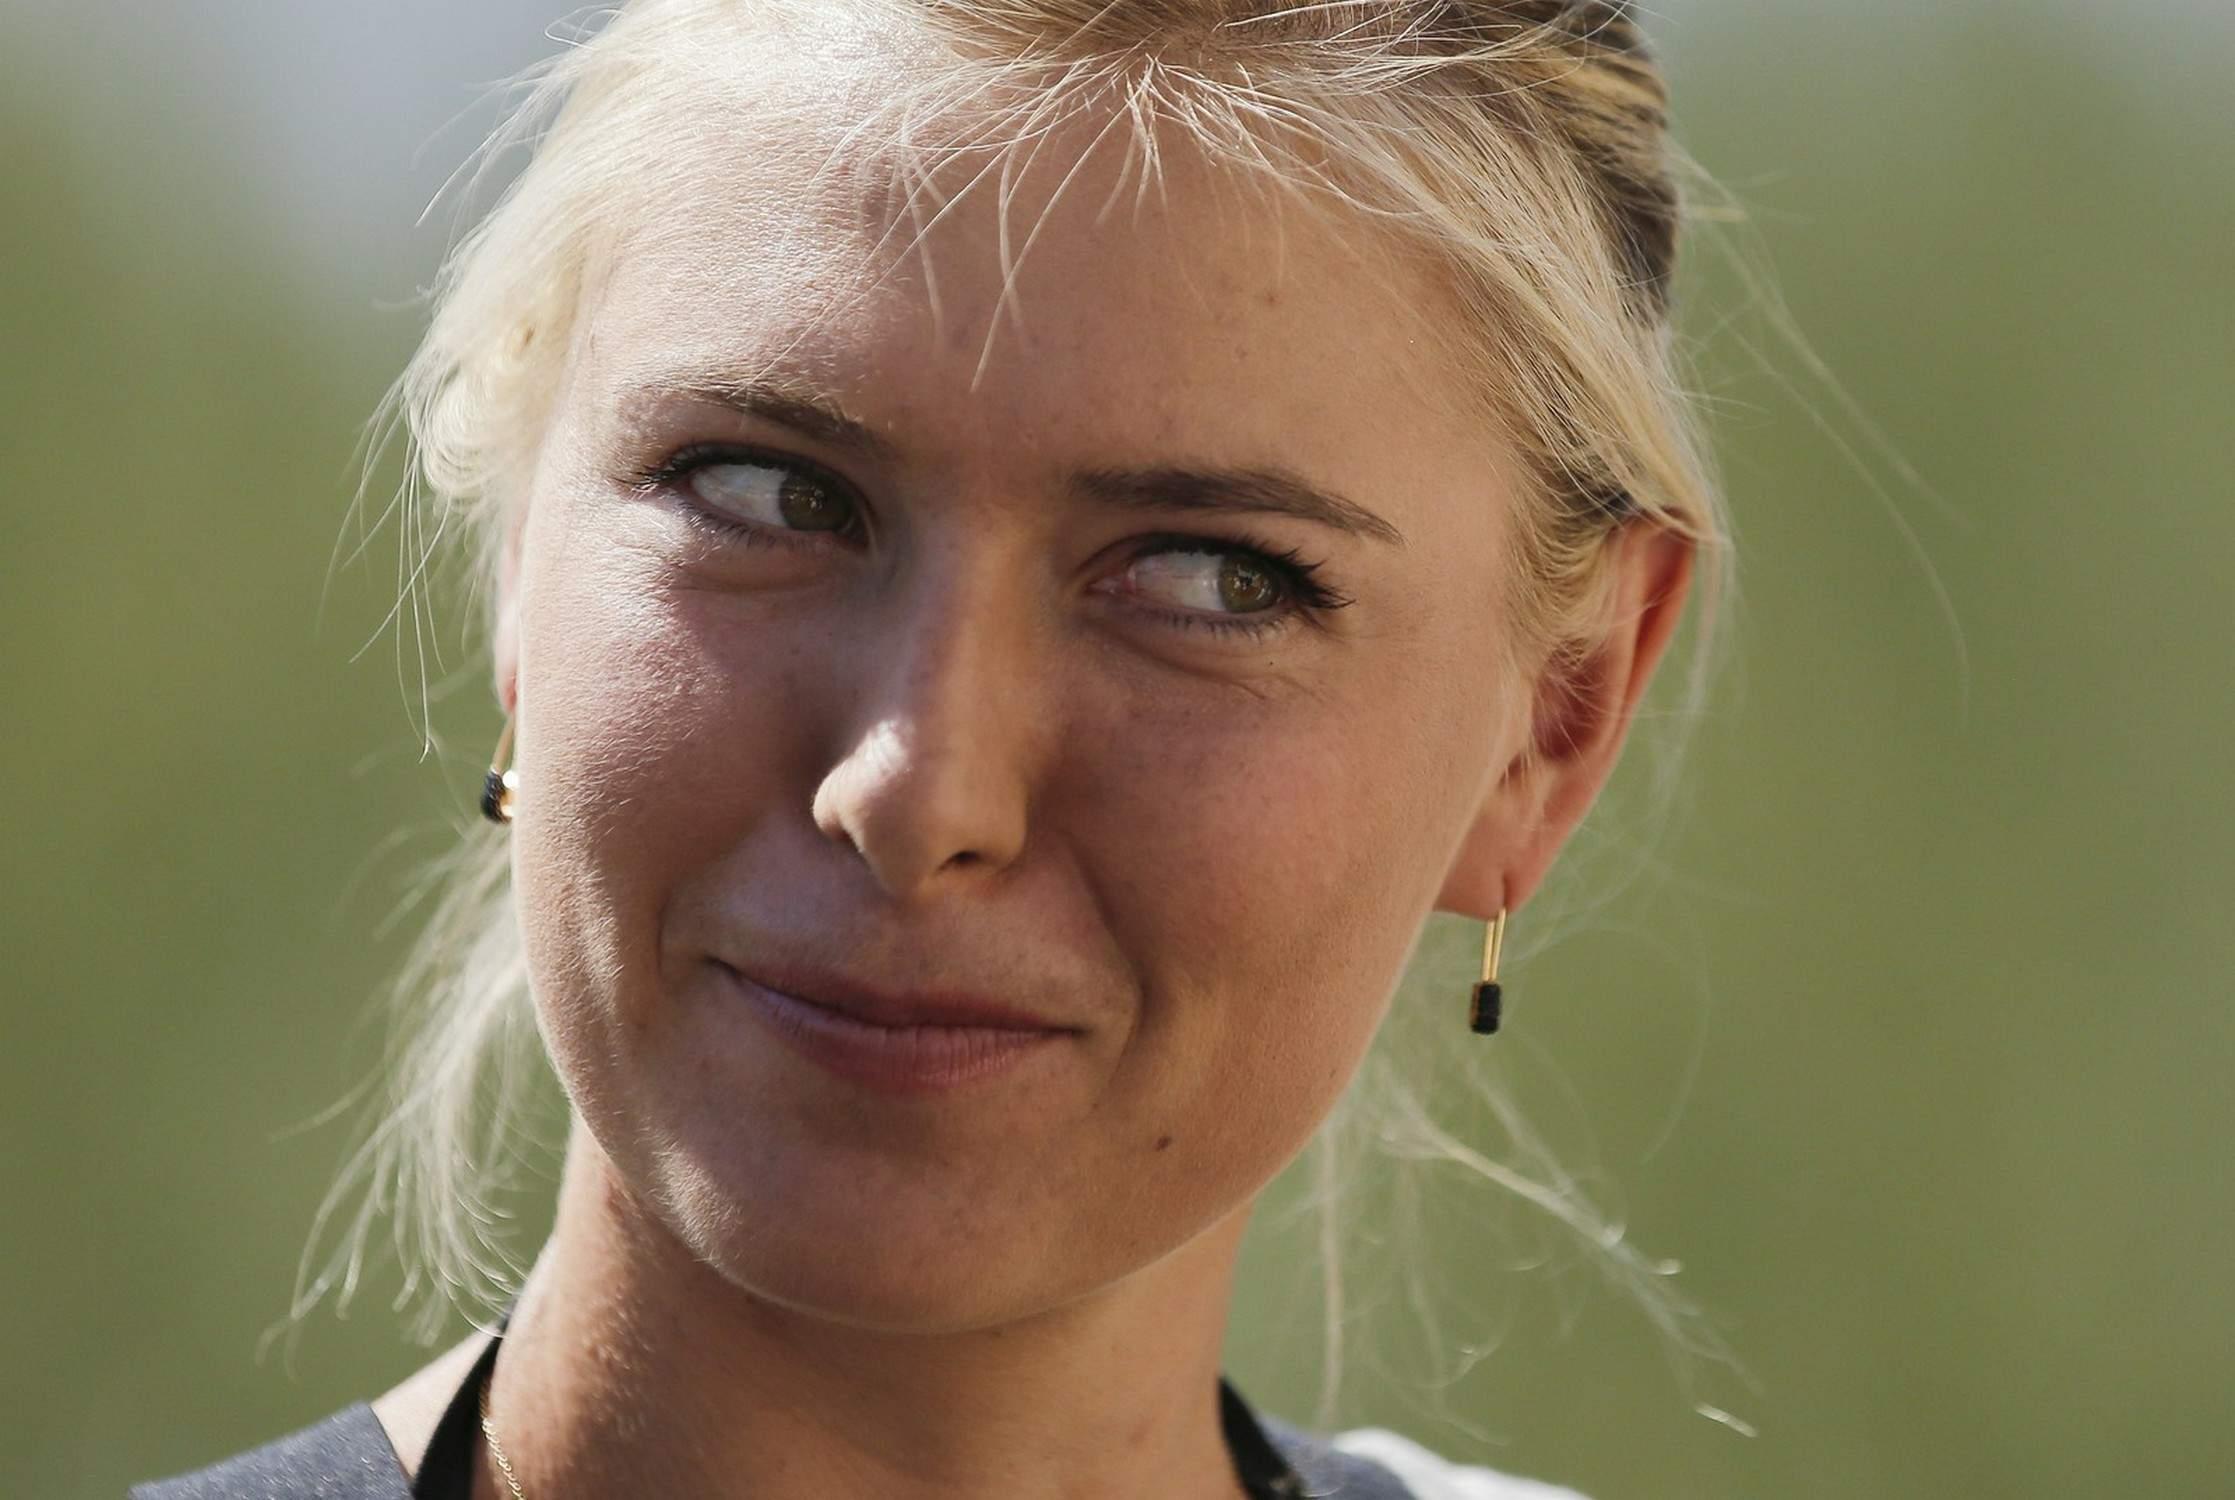 Maria Sharapova 2013 : Maria Sharapova – 2013 BNP Paribas Open All Access Hour -09